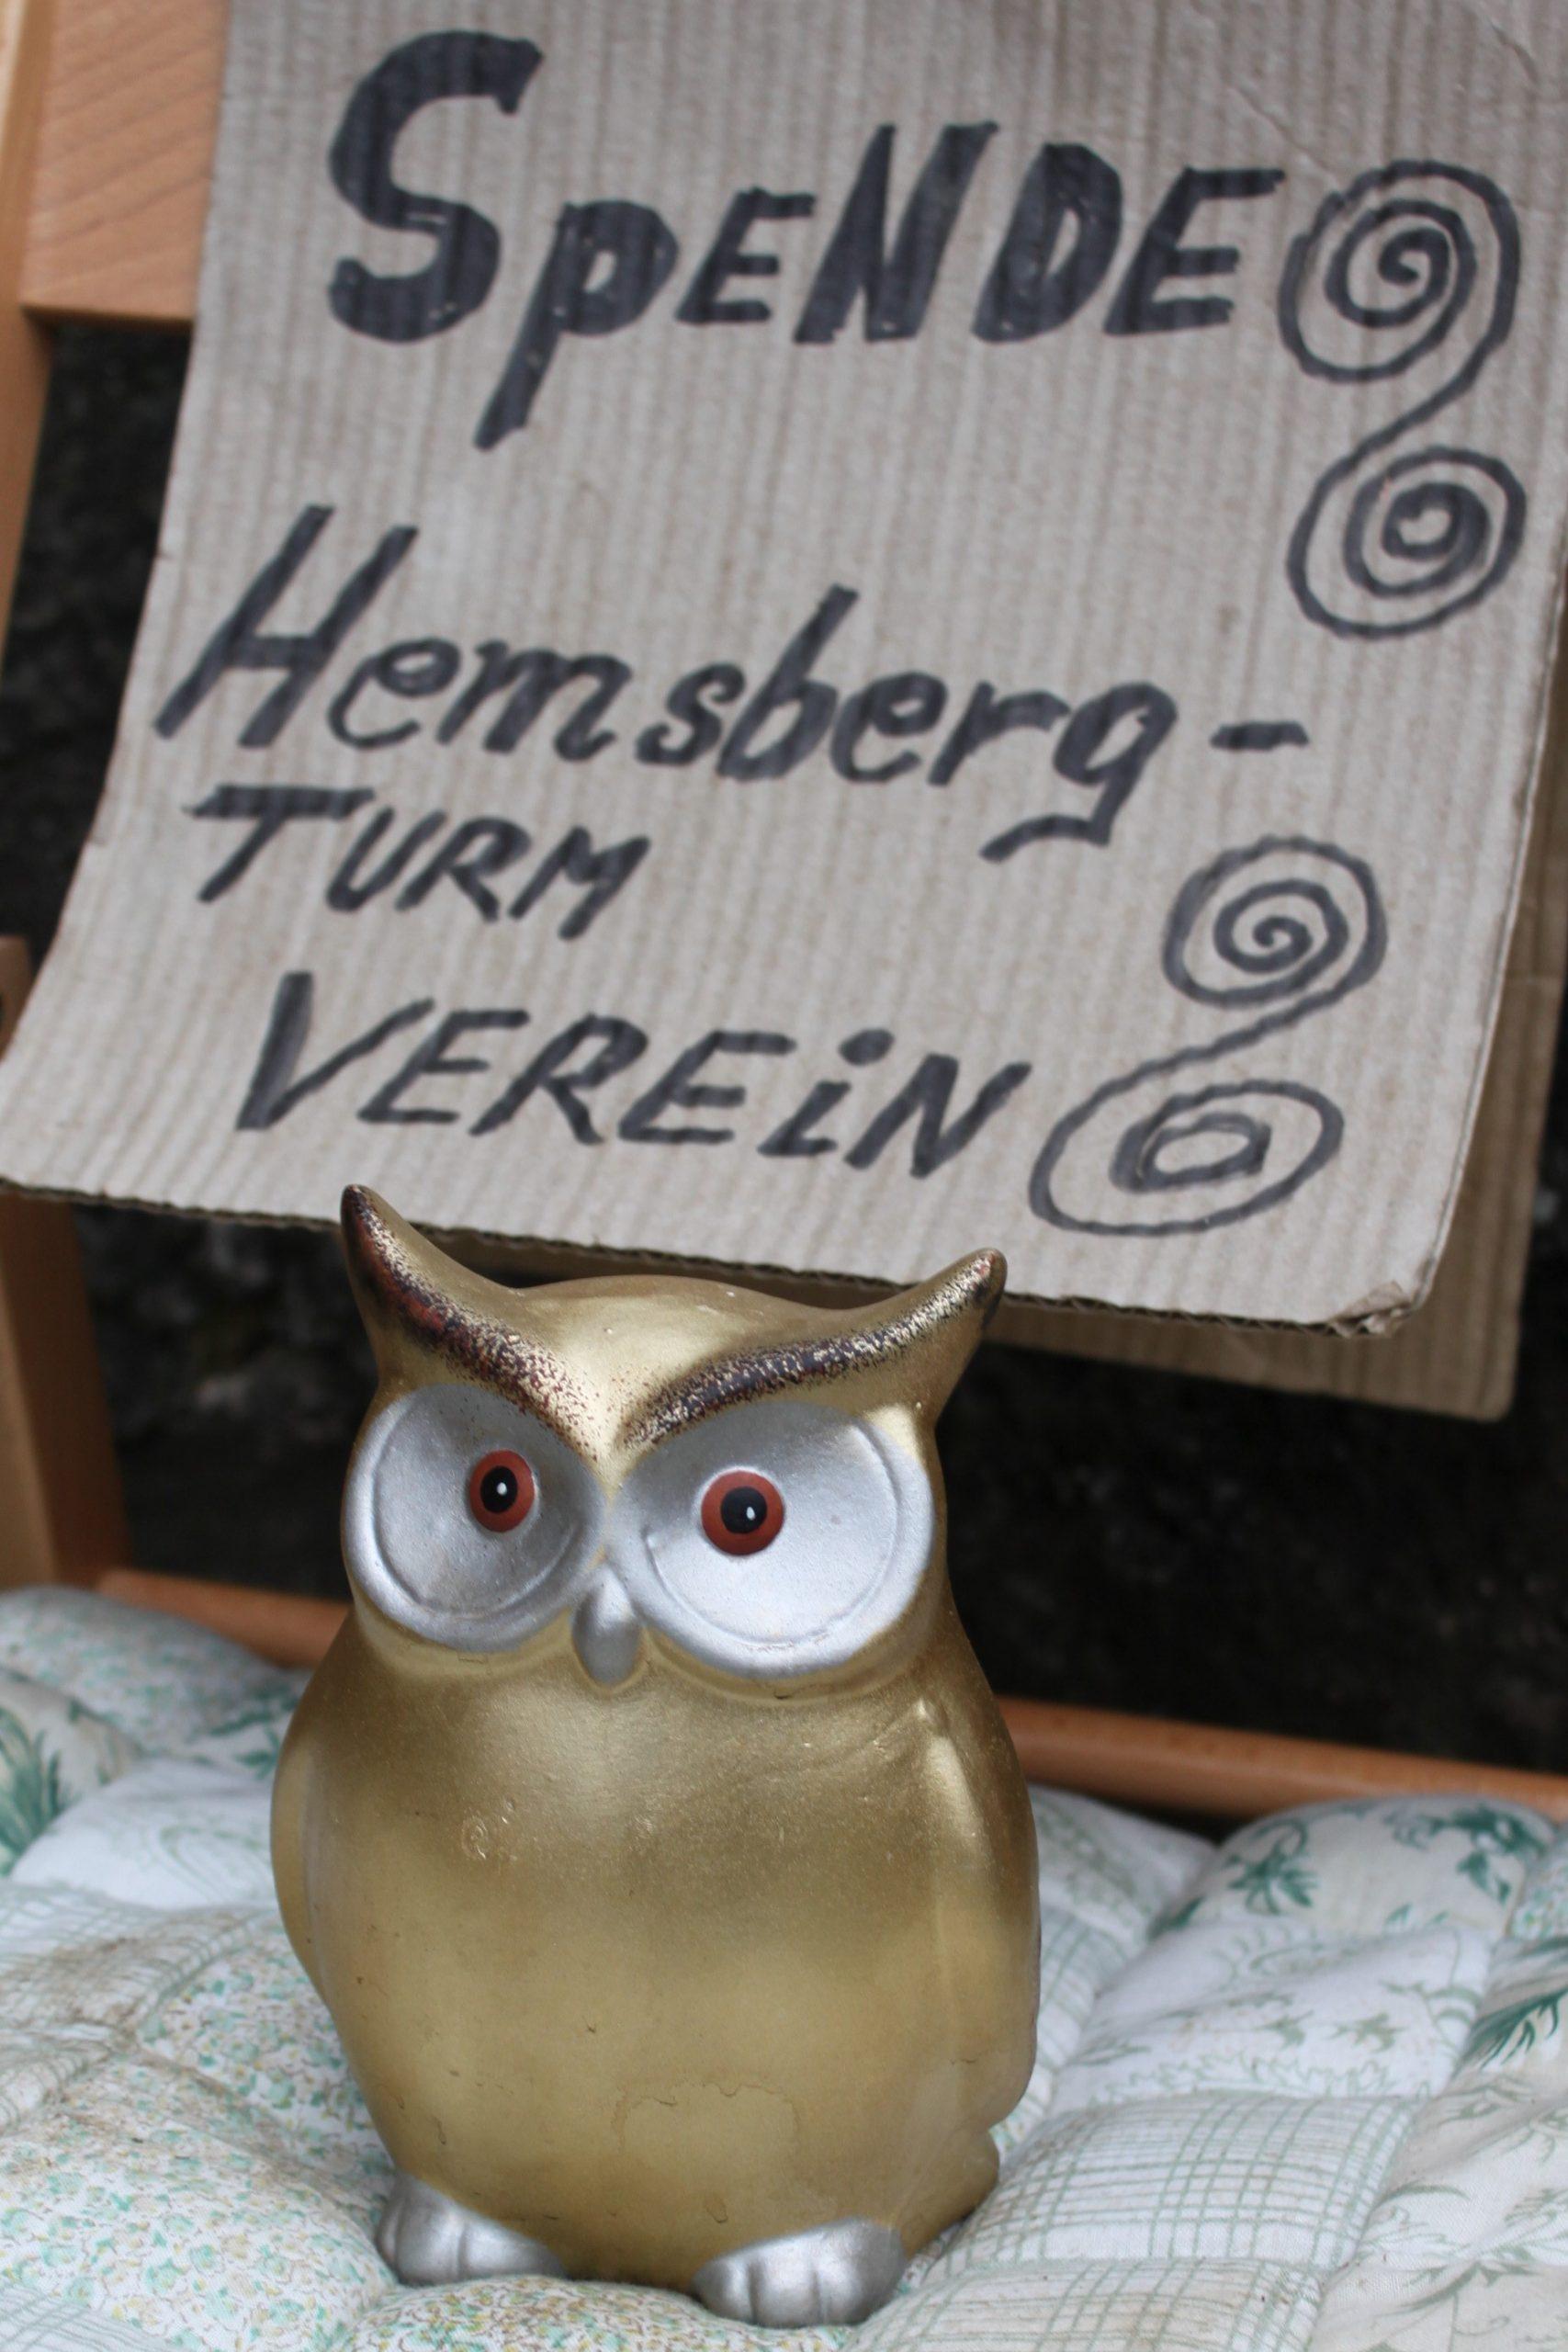 Spendeneule Hemsbergturmverein